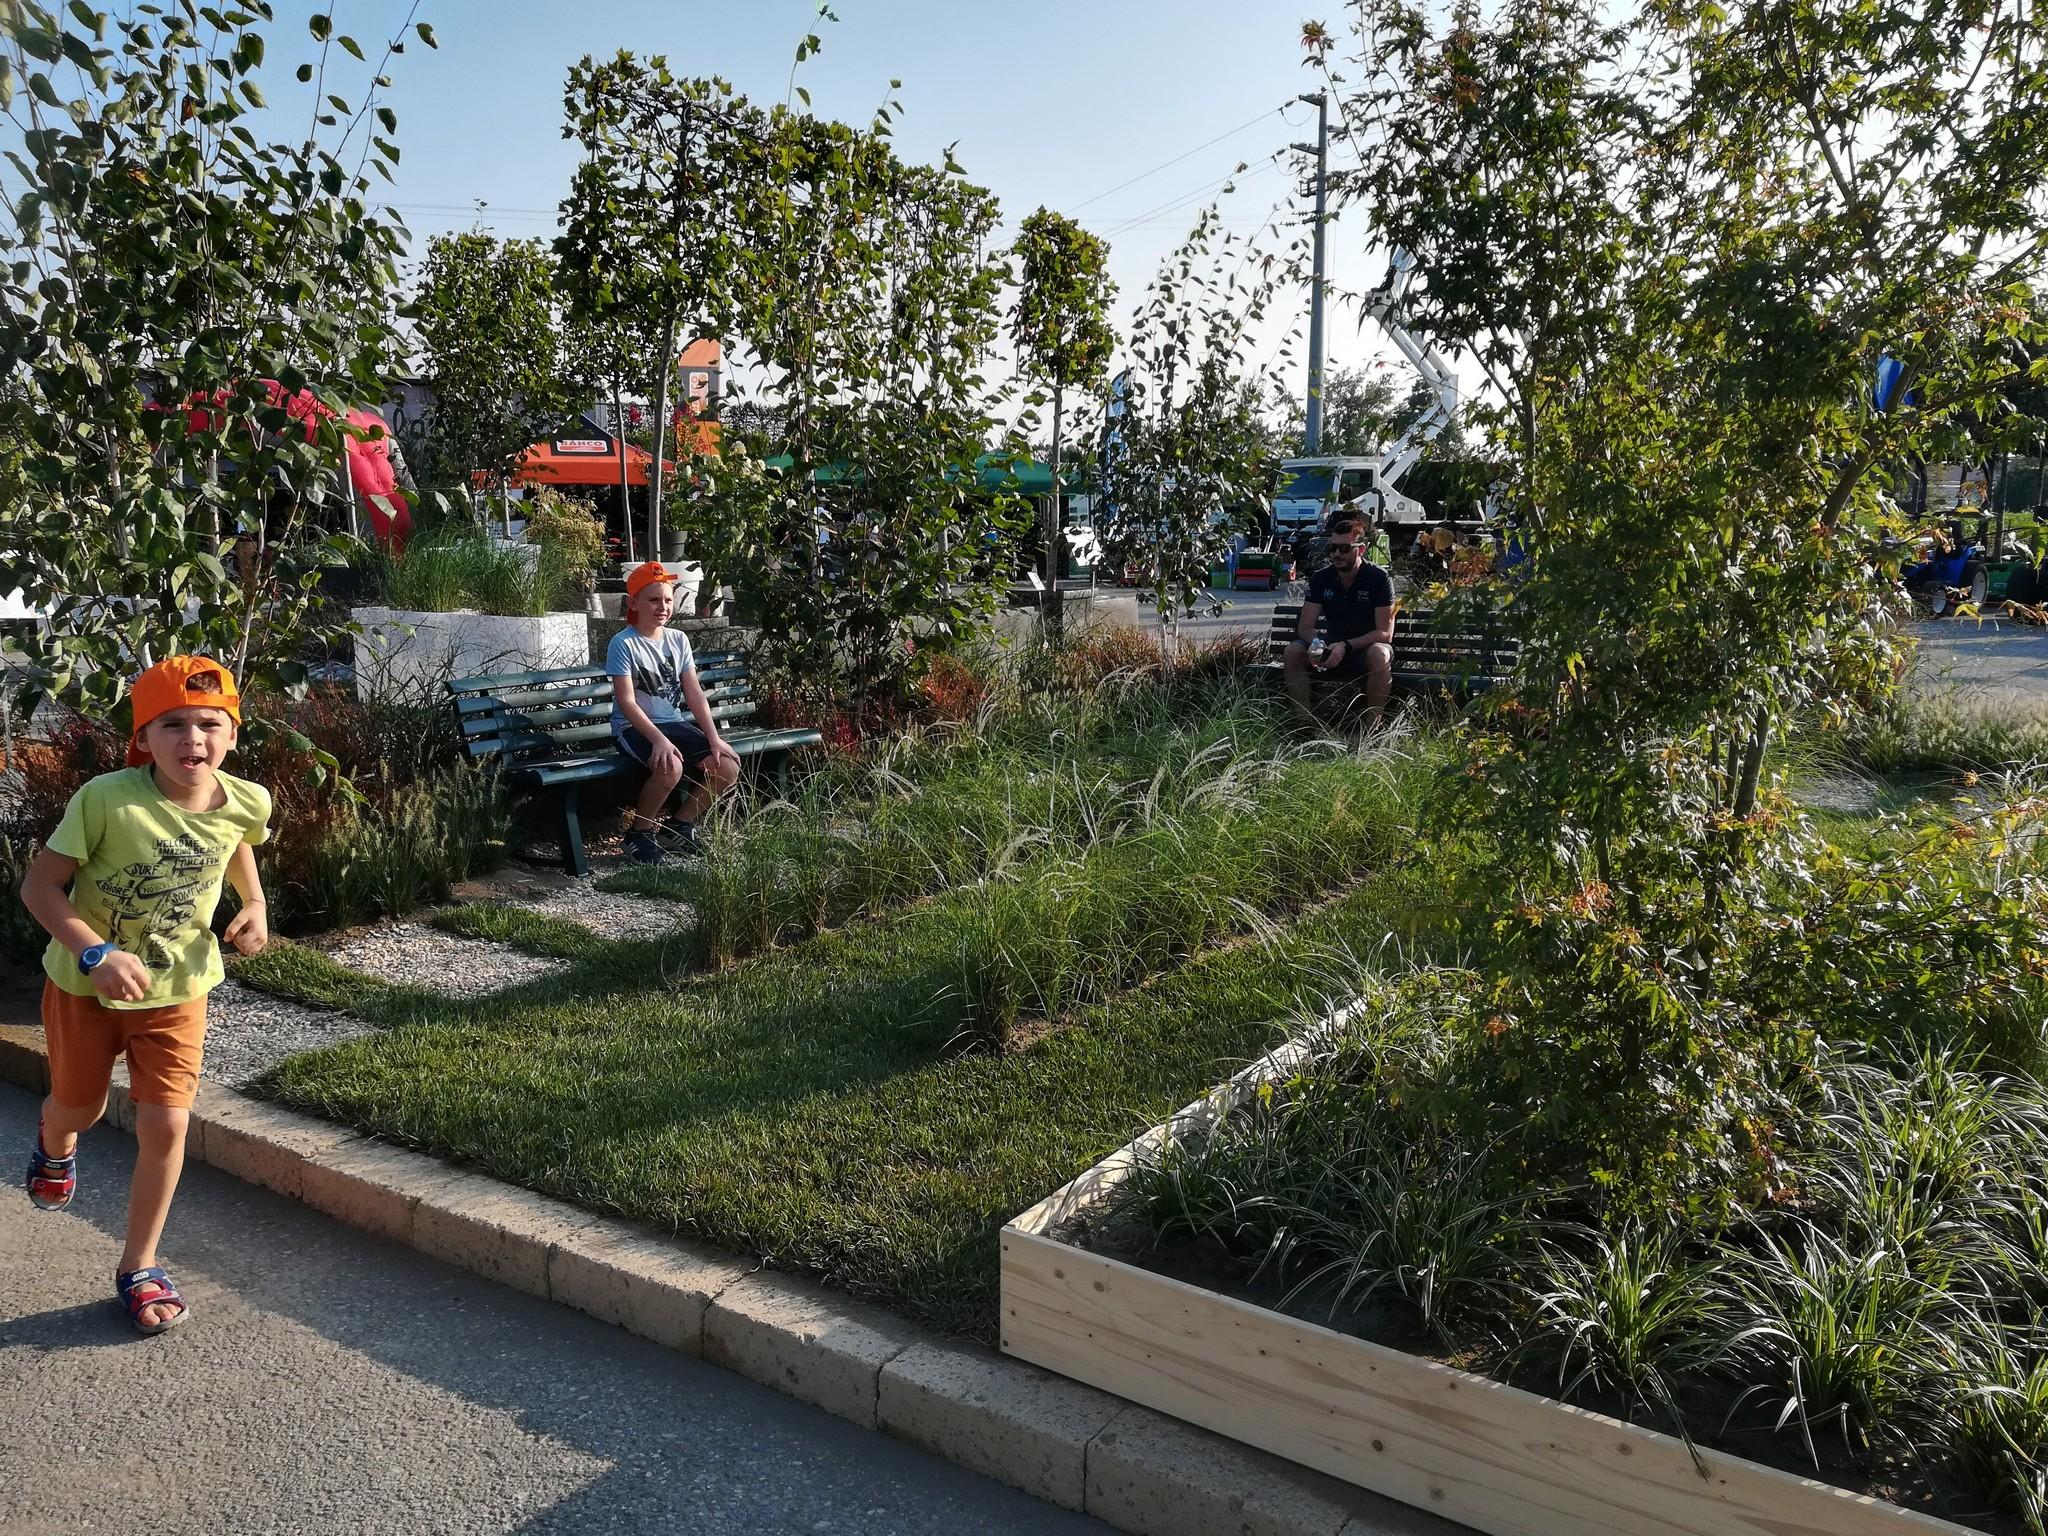 Concorso-giardini-Verdeggiando_74-Con-il-vento-tra-i-capelli-SNFT9-Stefano-Notari